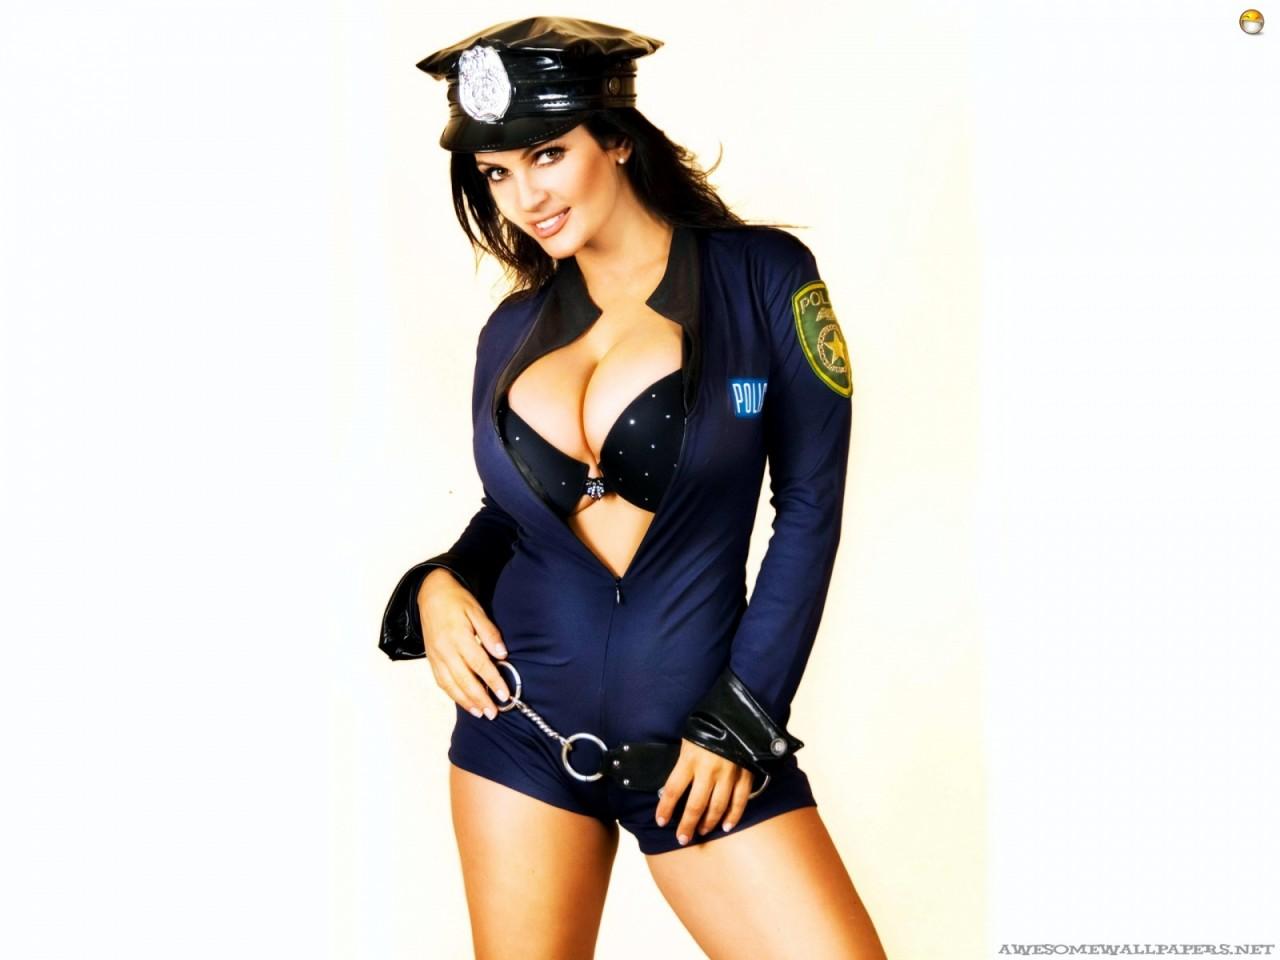 Моя девушка надела полицейскую форму... Улыбнемся))